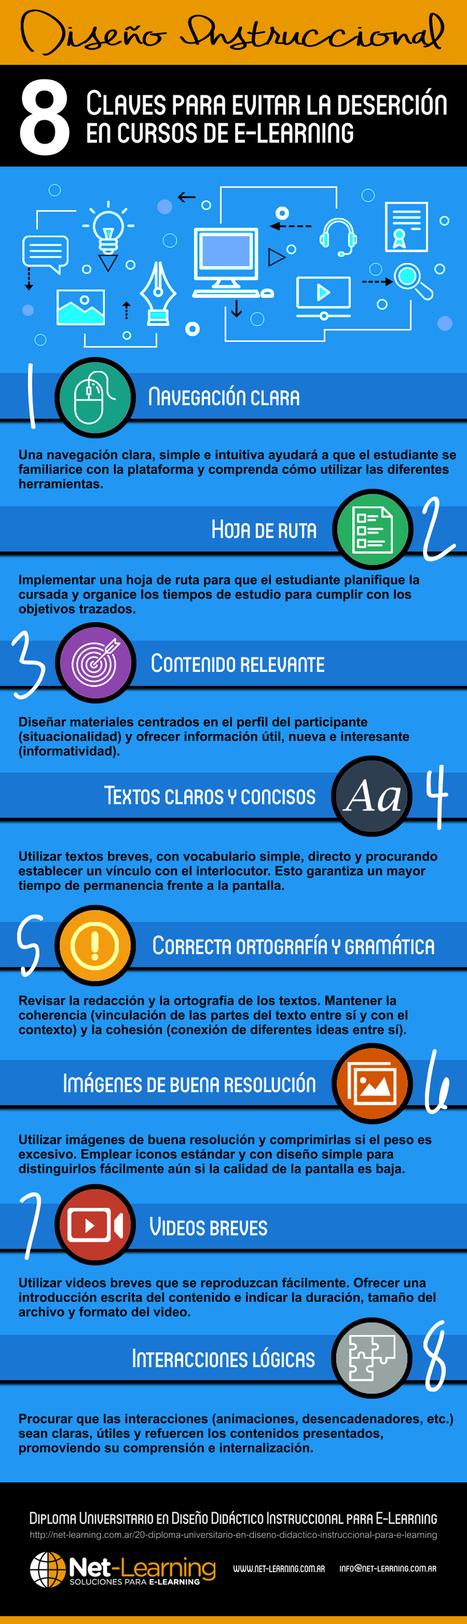 Diseño instruccional: 8 claves para evitar la deserción en cursos de e-learning | Competencias docentes para un aprendizaje digital | Scoop.it